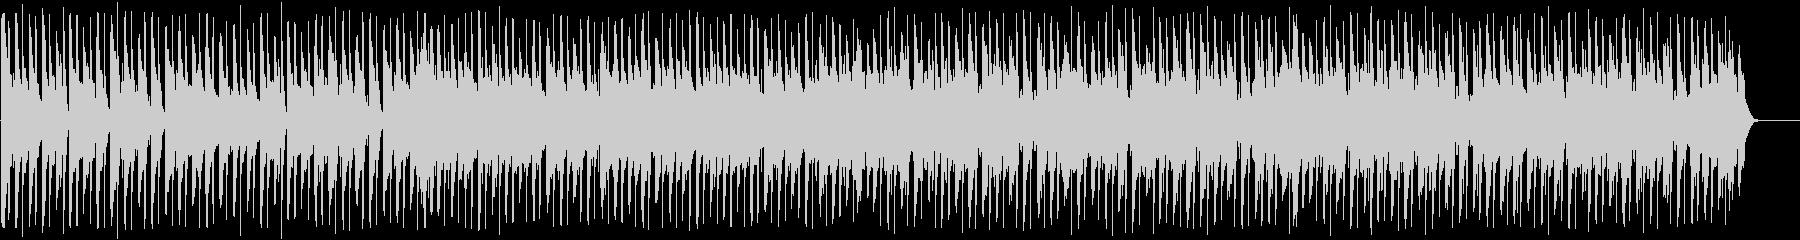 きらびやかなファンクディスコ_612_2の未再生の波形